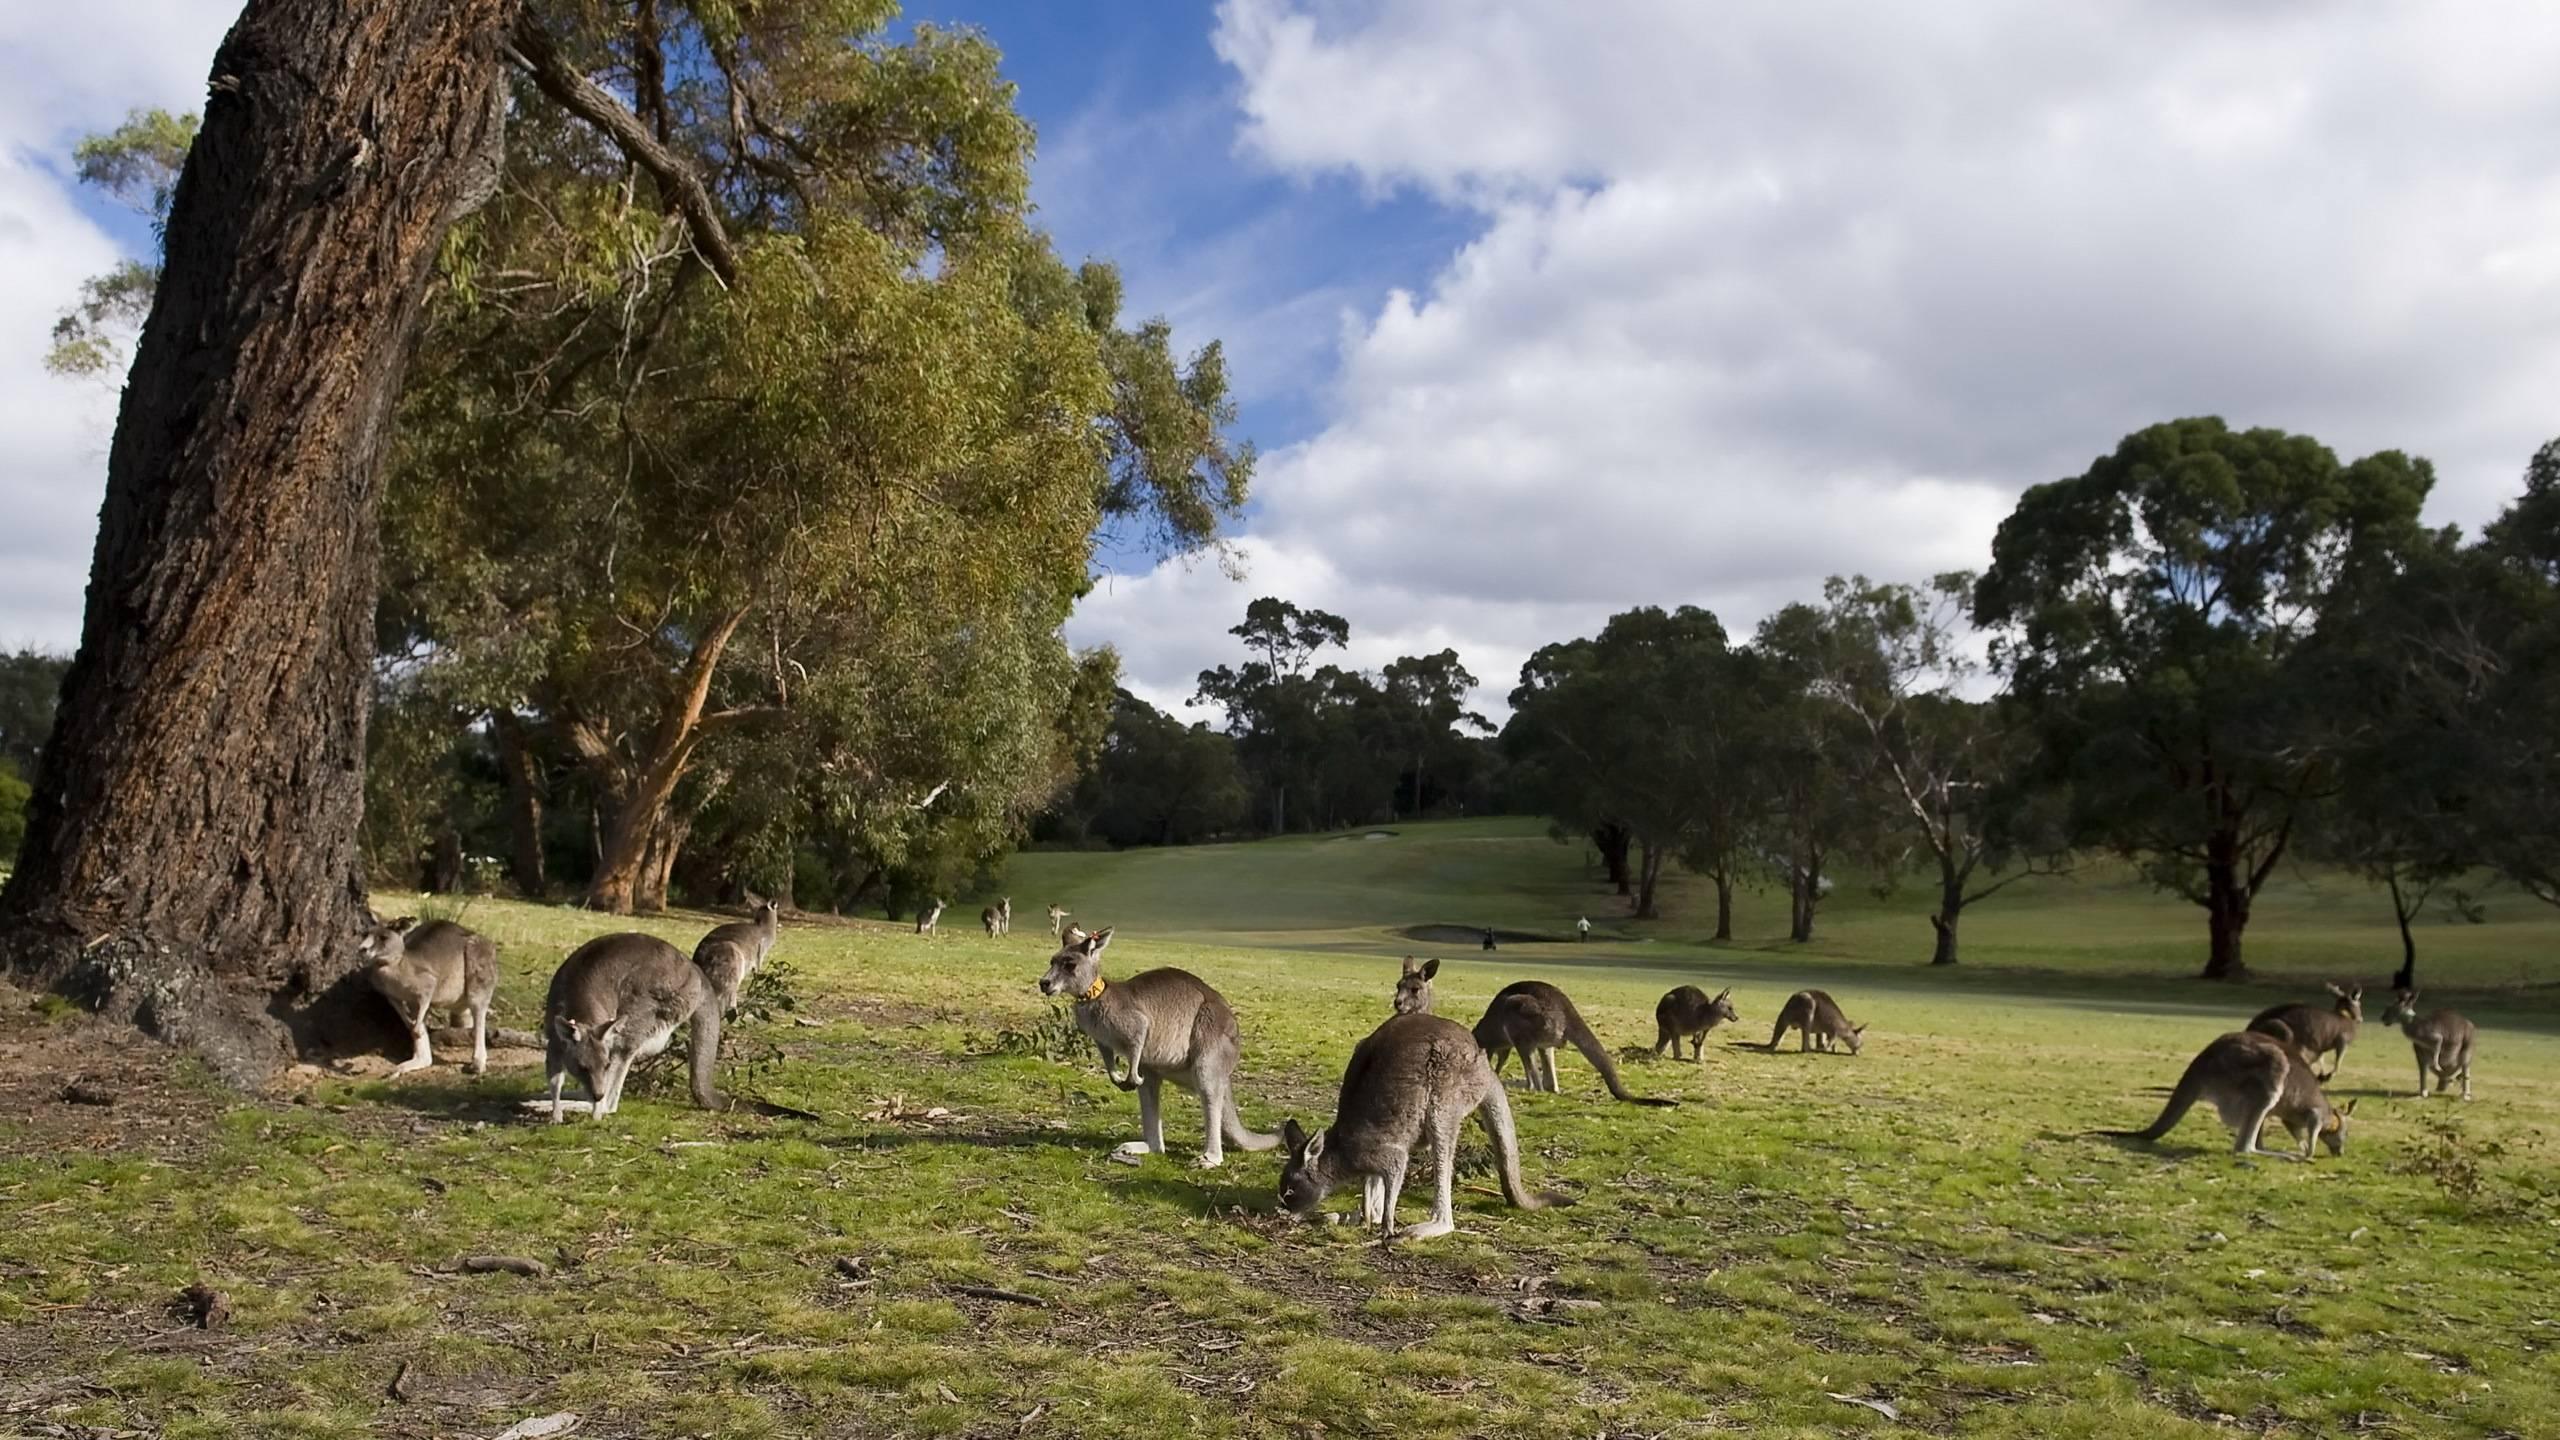 Kangaroo Eating Grass Wallpaper Computer | ardiwallpaper.